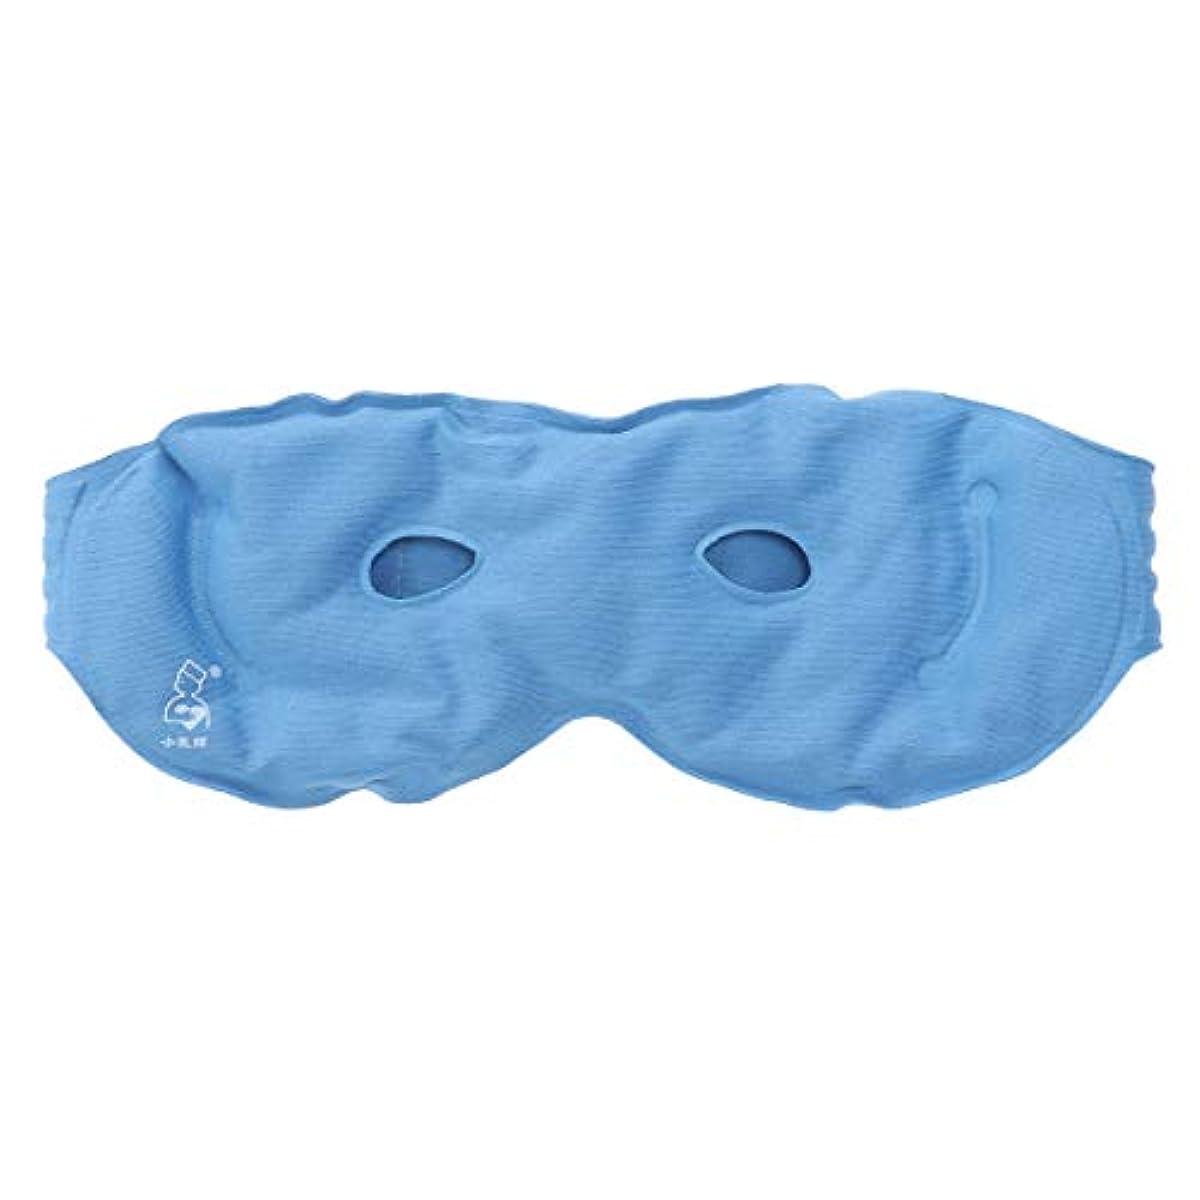 気をつけて曖昧な部分的ROSENICE アイスフェイスクーリングアイマスクアイスコンプレッションバッグ(ブルー)